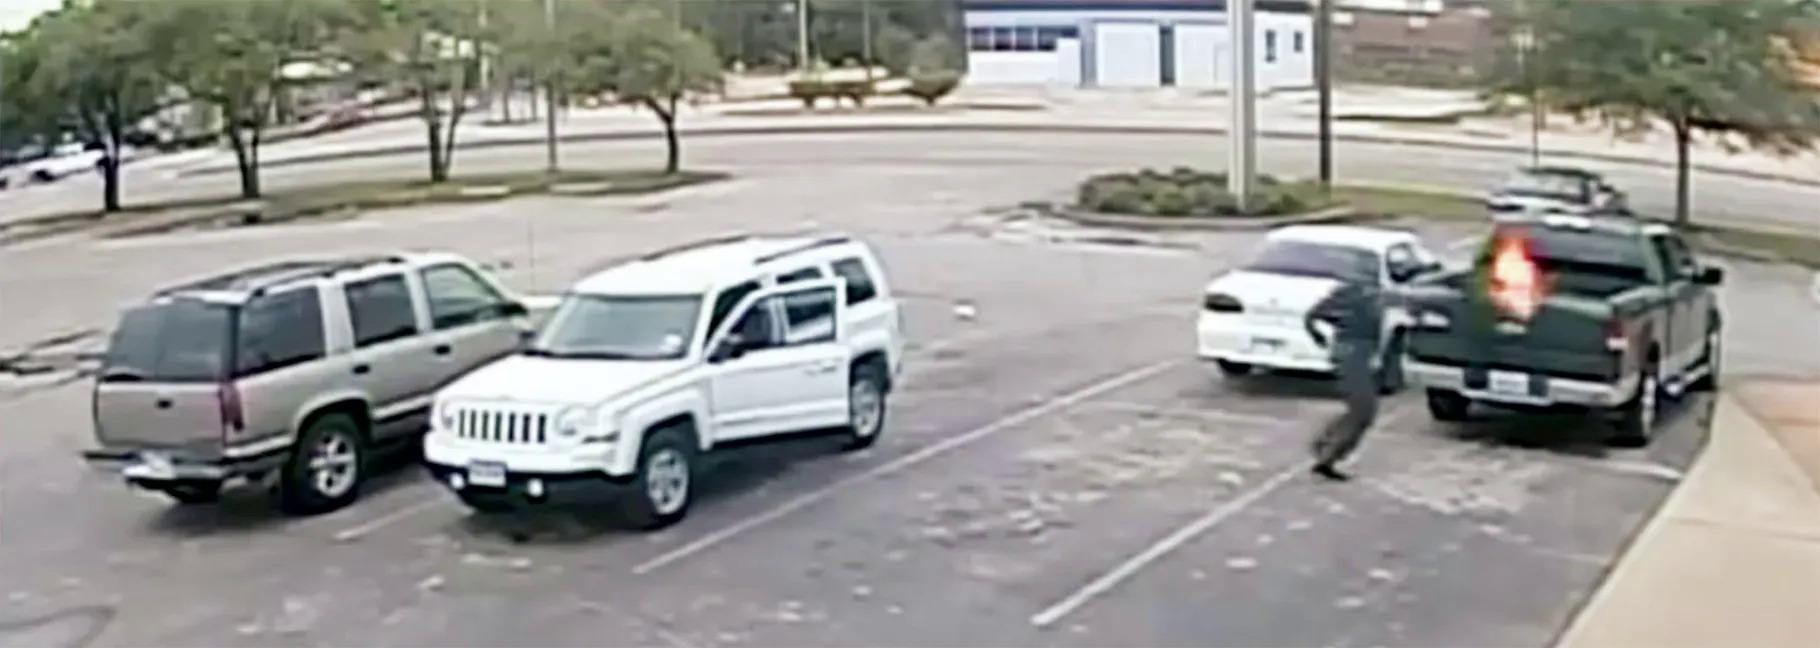 Ảnh cắt video được FBI công bố  về vụ cướp tại Ngân hàng Bank of America ngày 6/ 11/ 2015. Ảnh: FBI